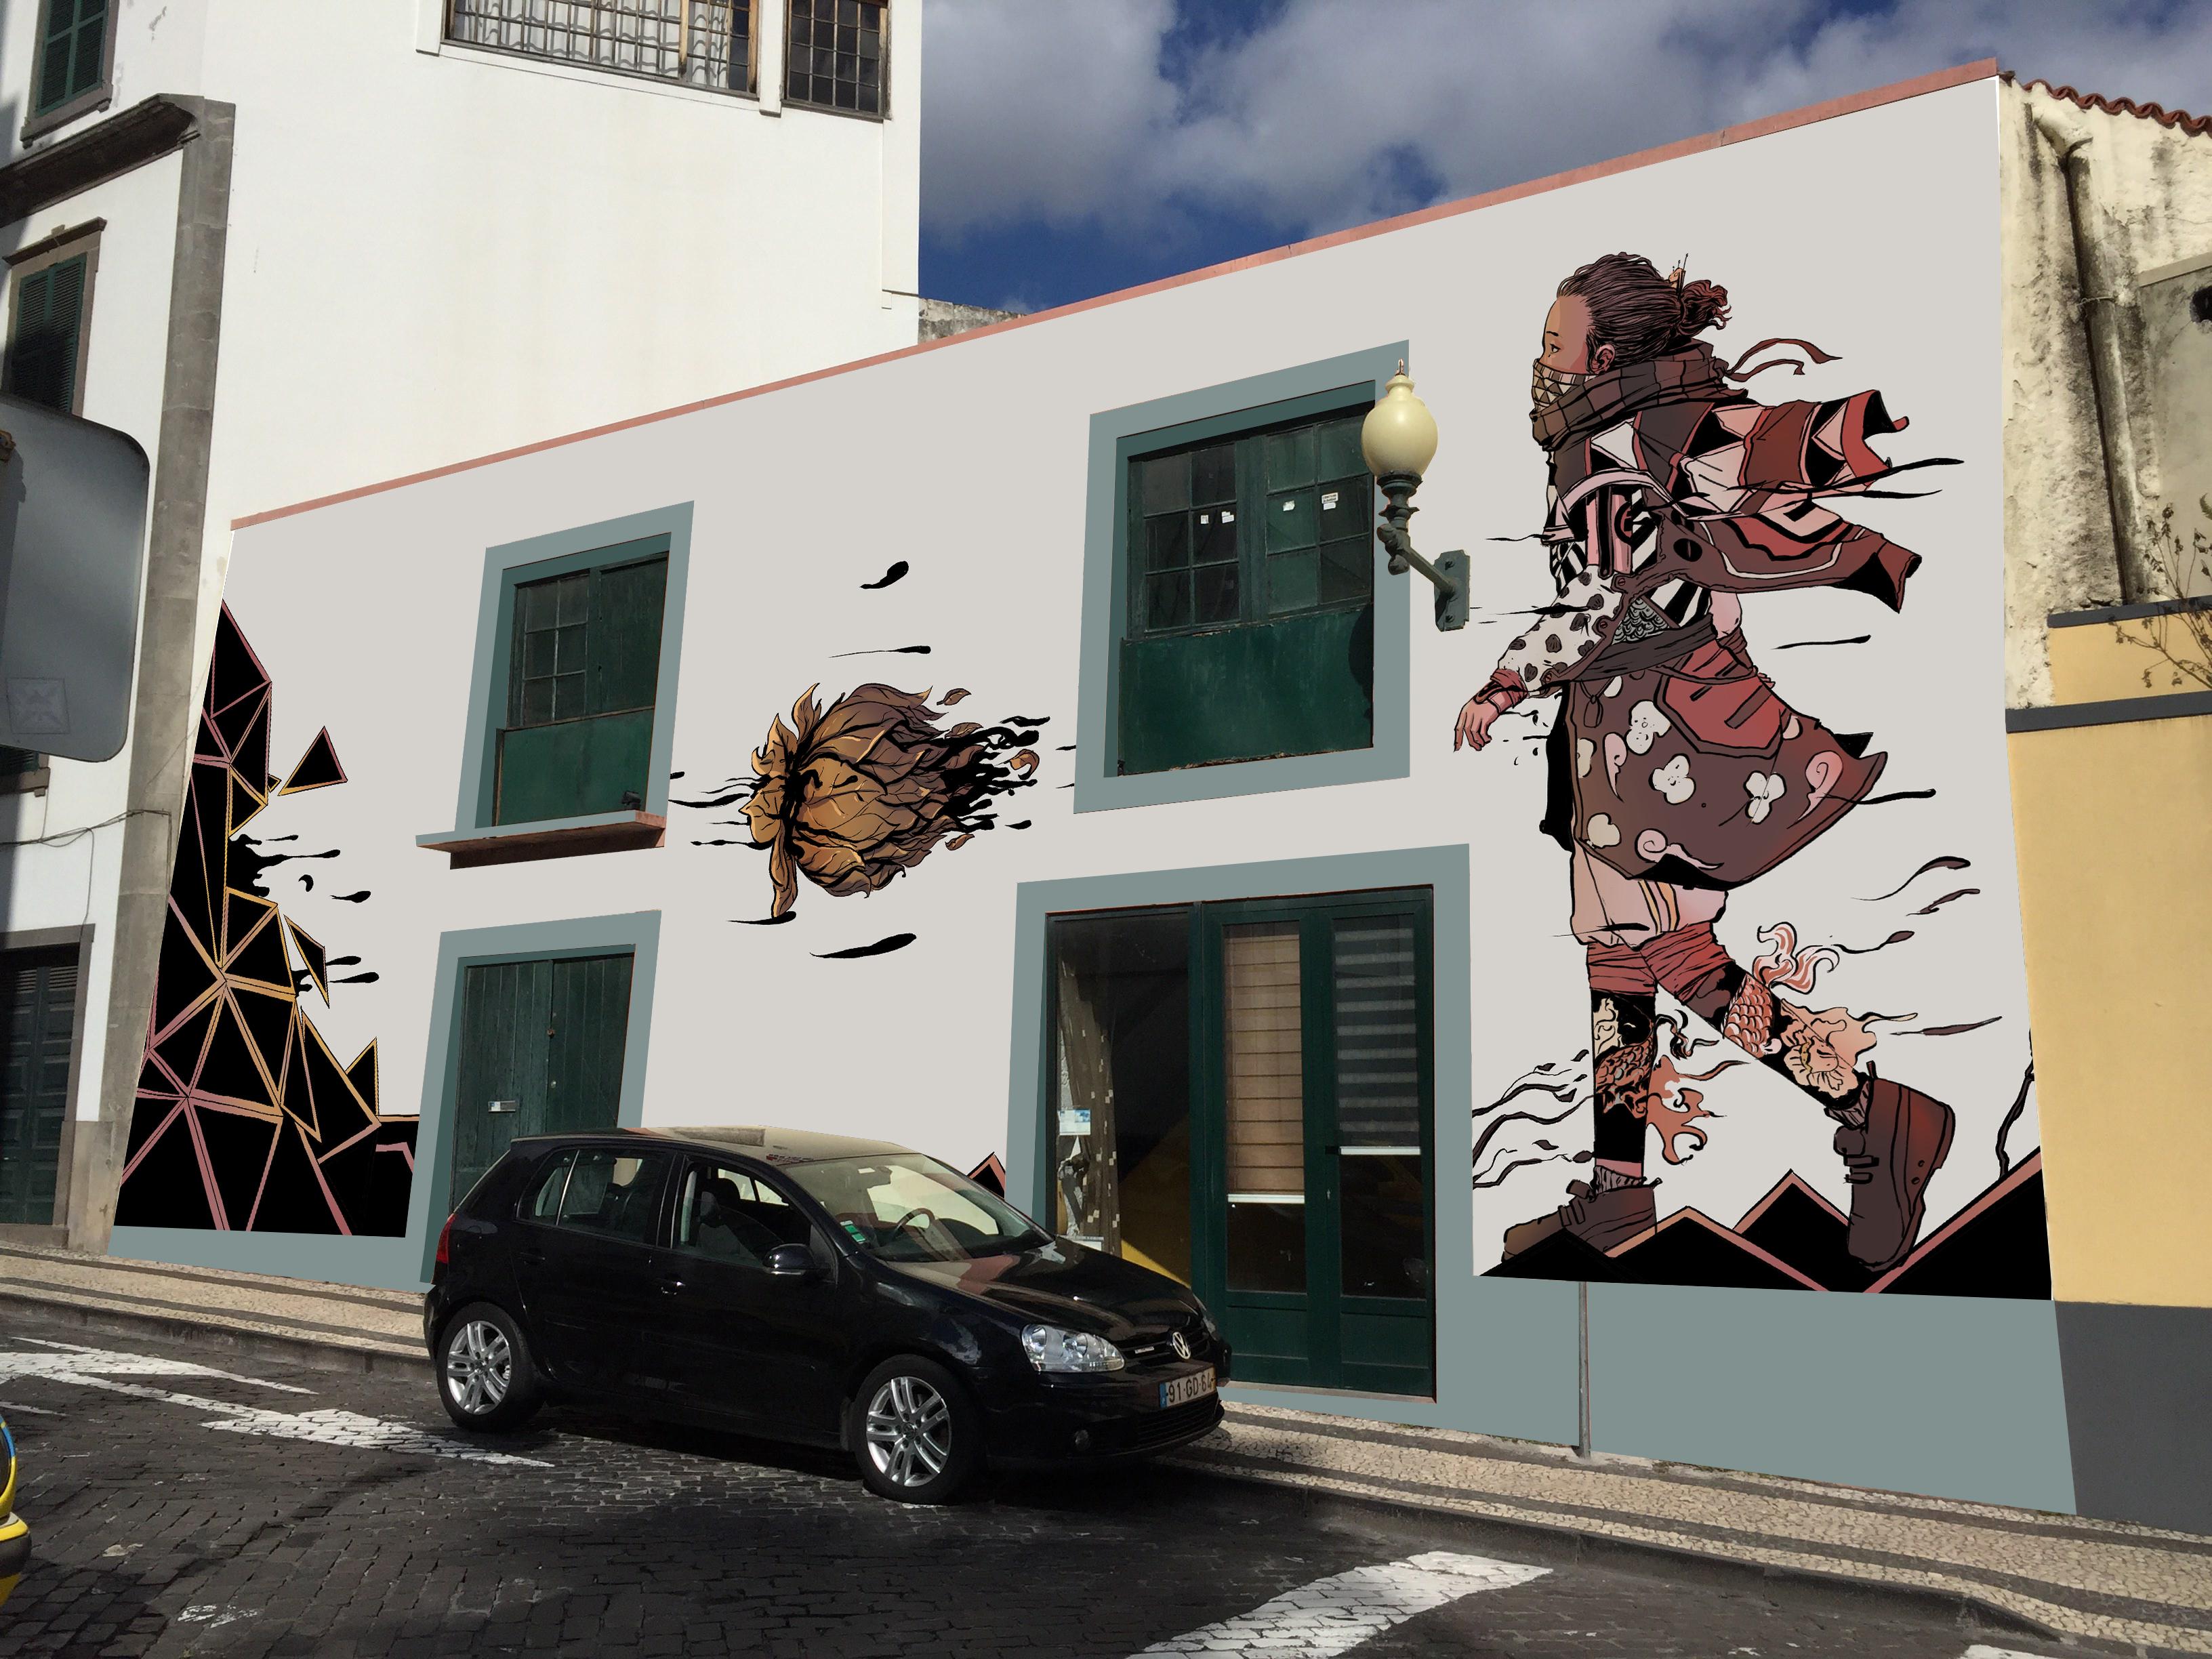 mural final piece